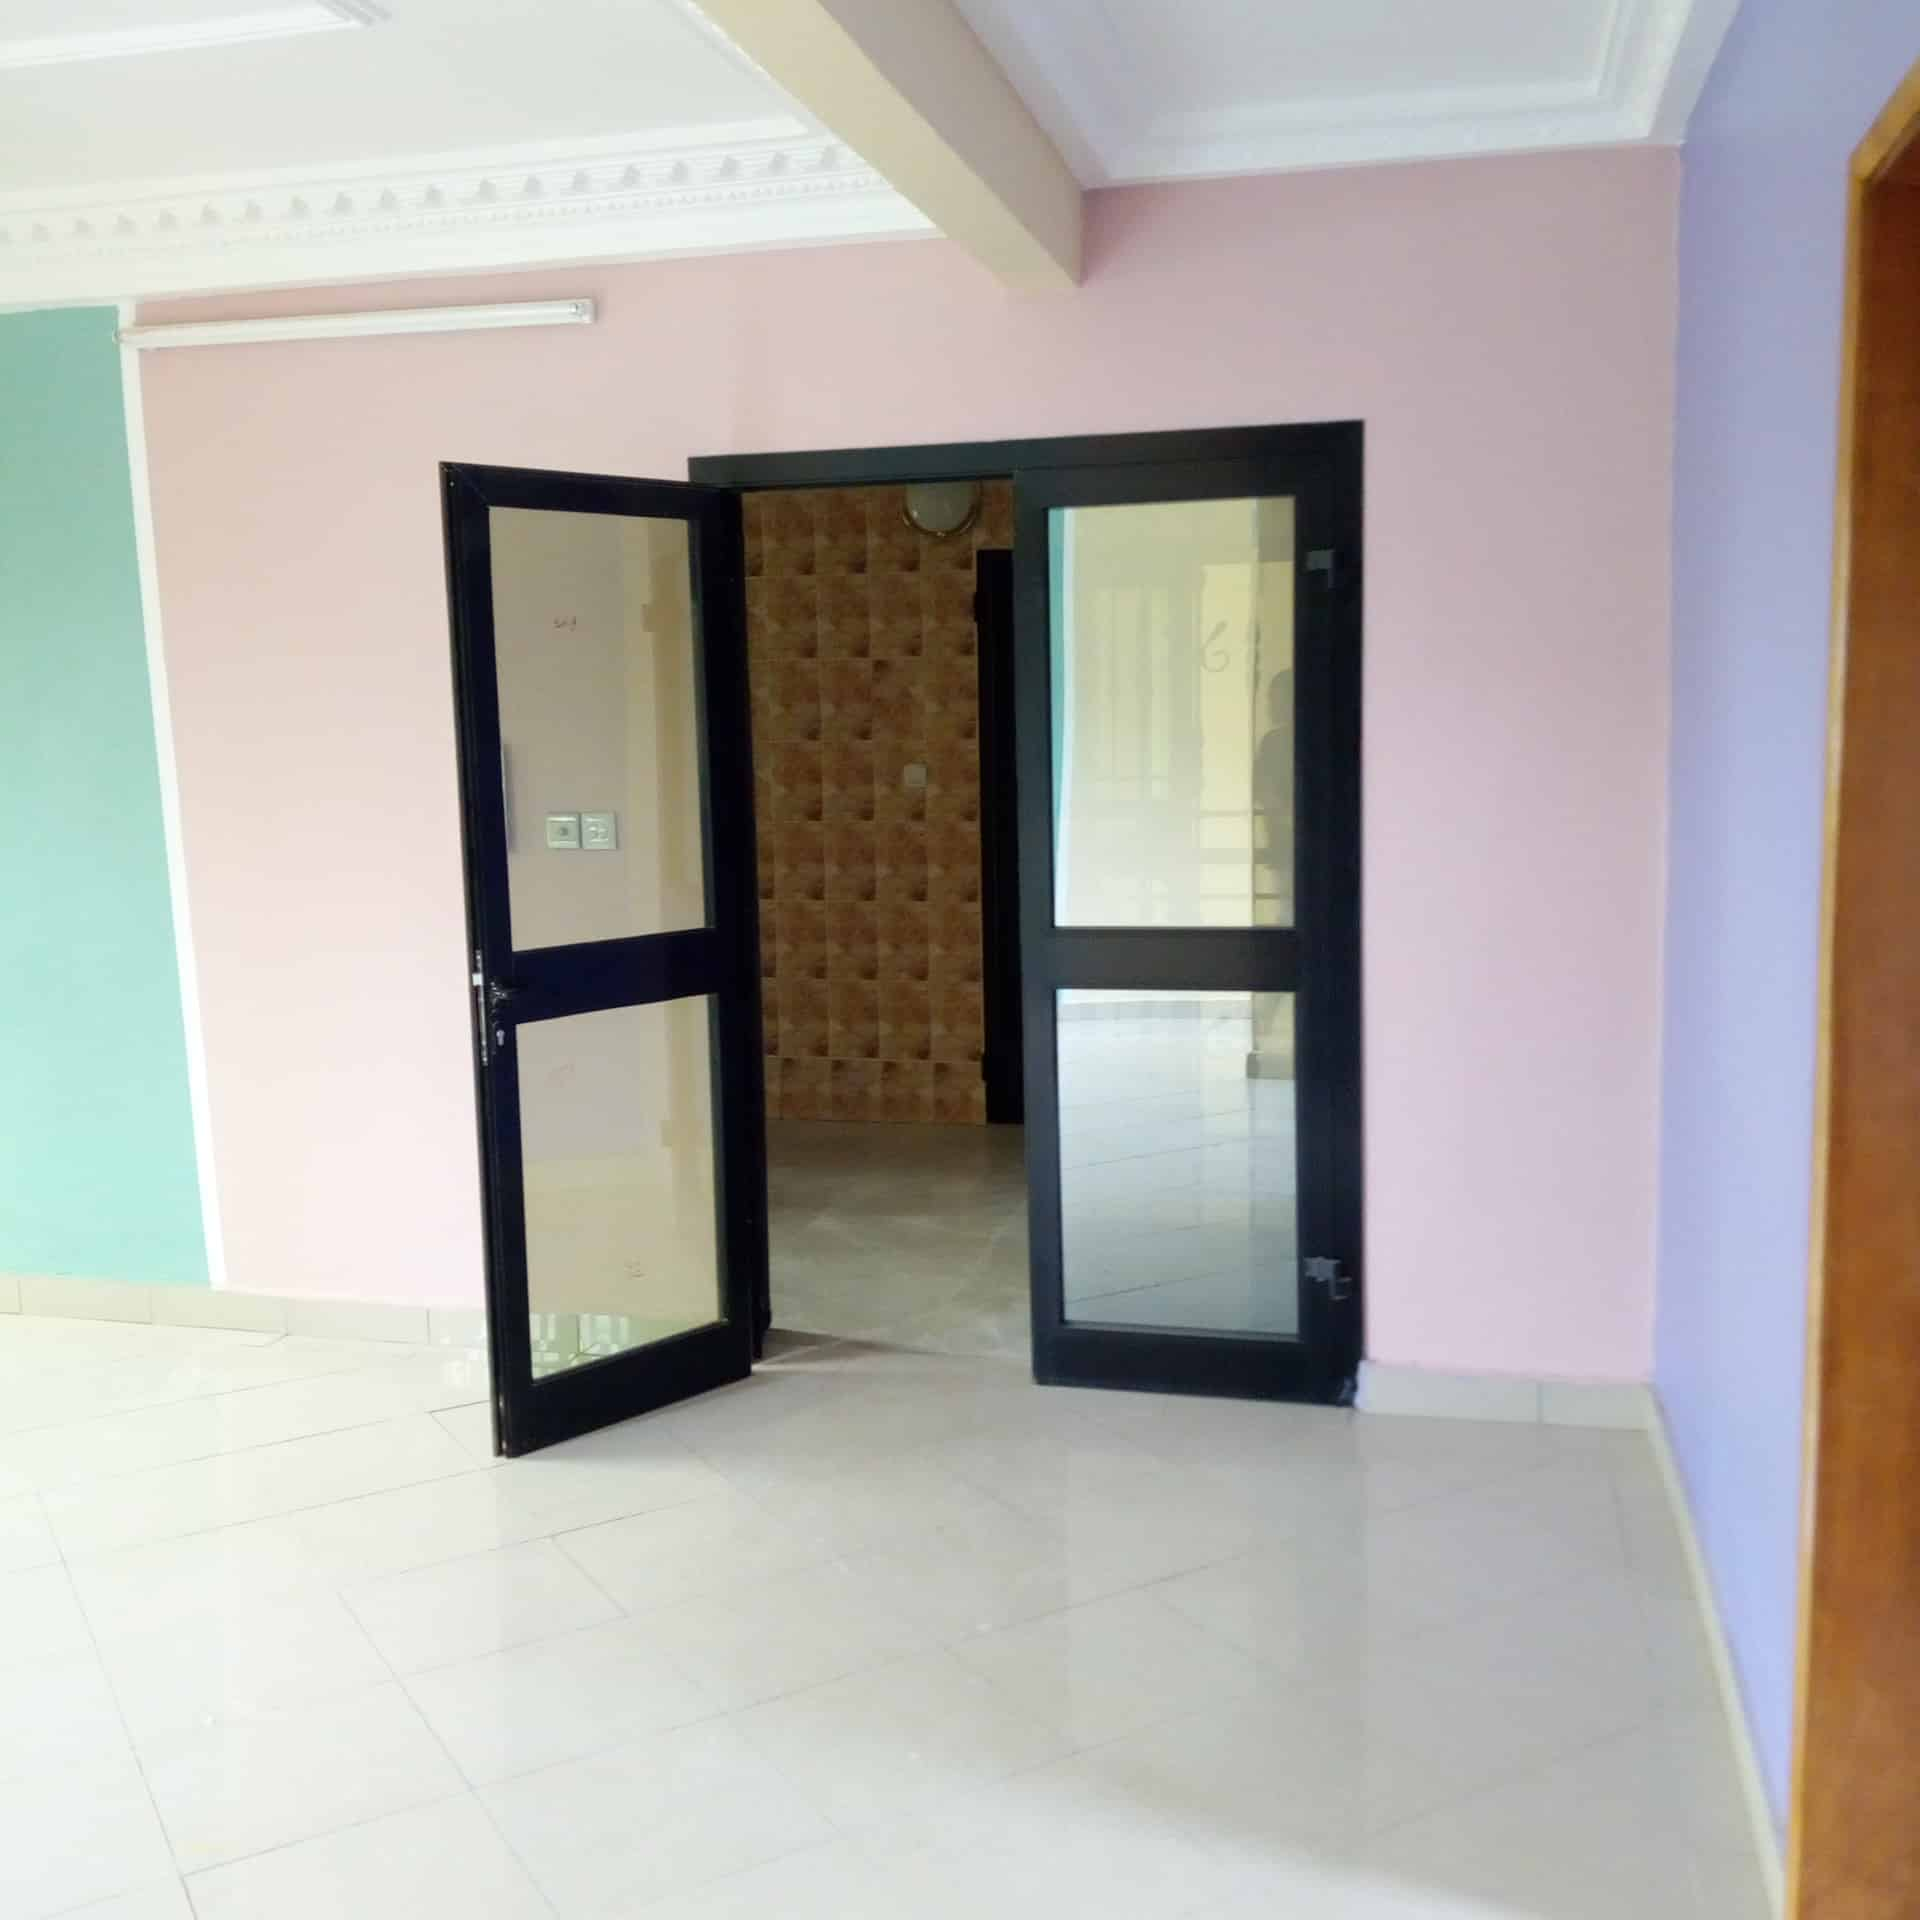 Appartement à louer - Douala, Makepe, Ver Rhône Poulin - 1 salon(s), 2 chambre(s), 2 salle(s) de bains - 200 000 FCFA / mois